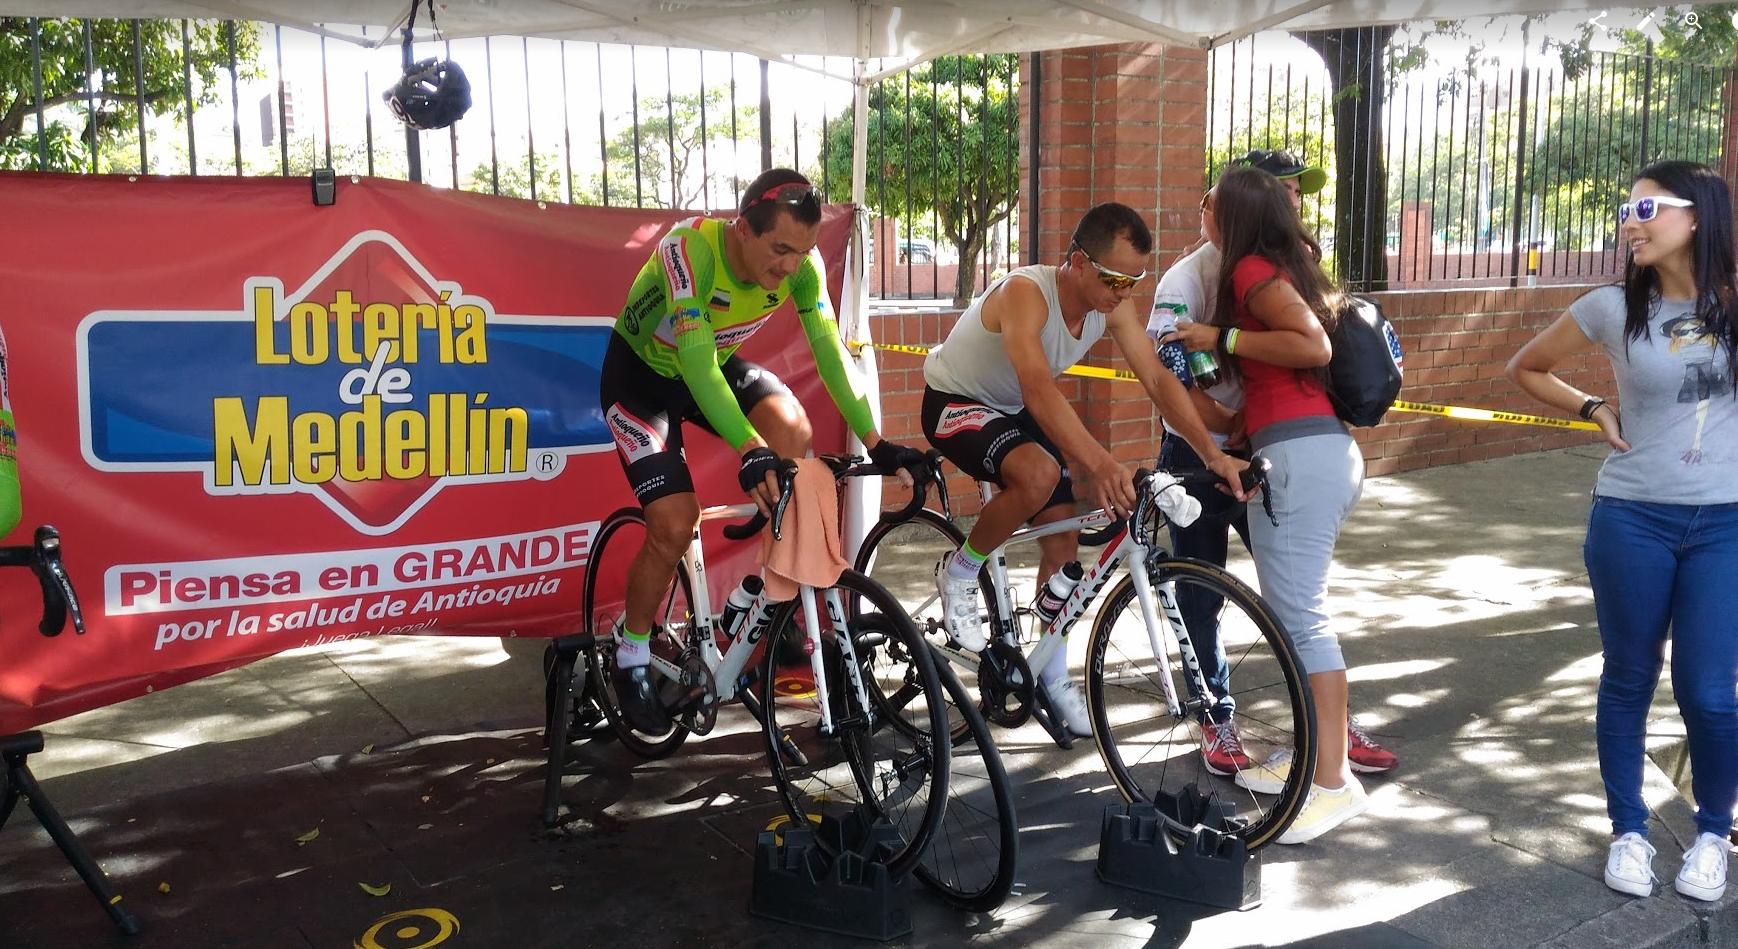 Vuelta a Colombia 2016 - Página 2 Ac2065741a6a49f28a9a8f526ec1fde9